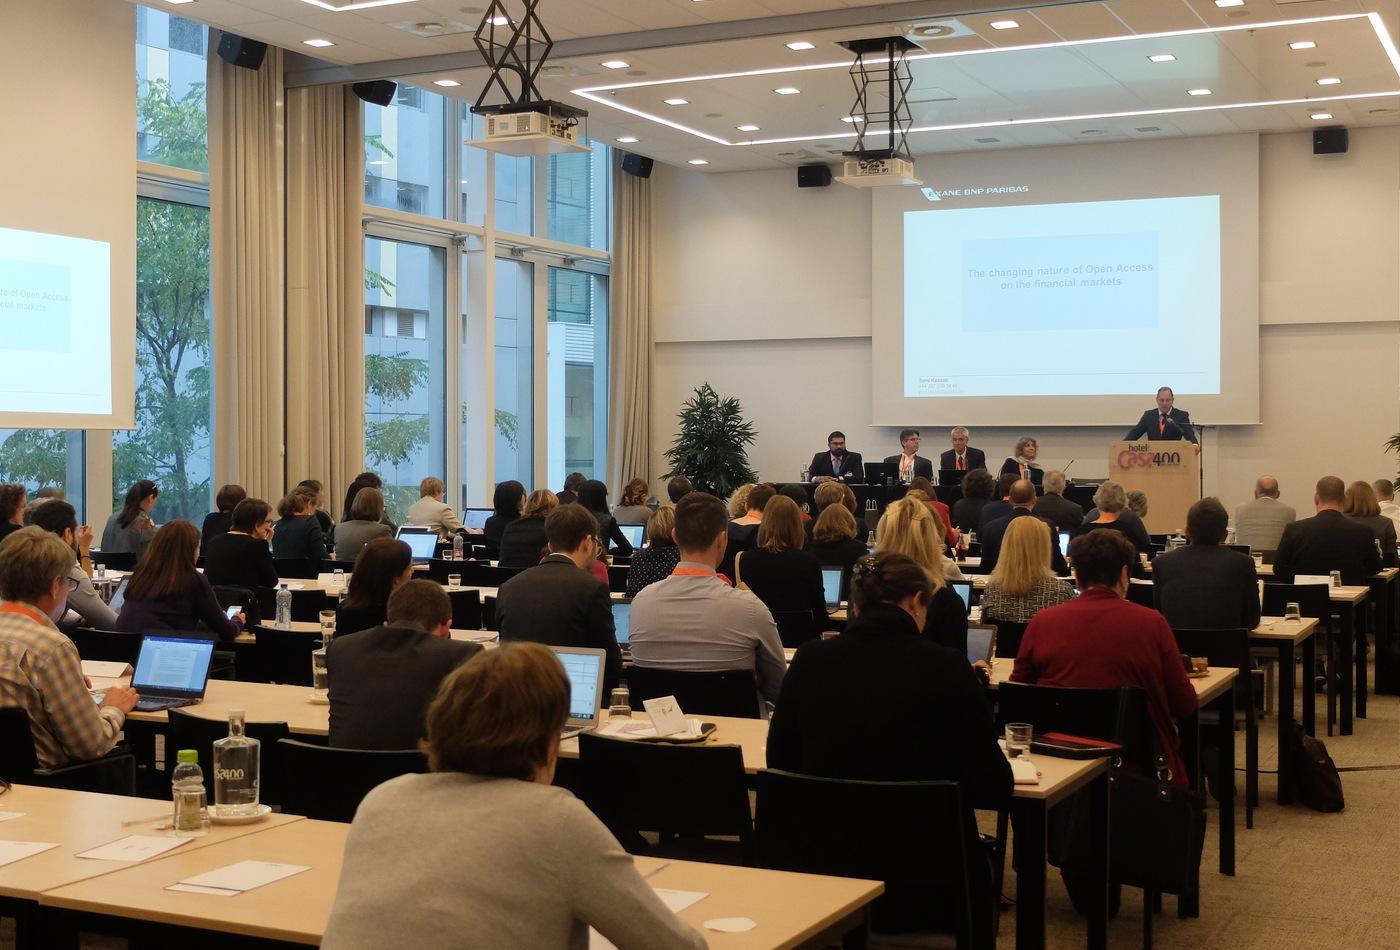 Amsterdamská konference ICOLC byla hojně navštívena